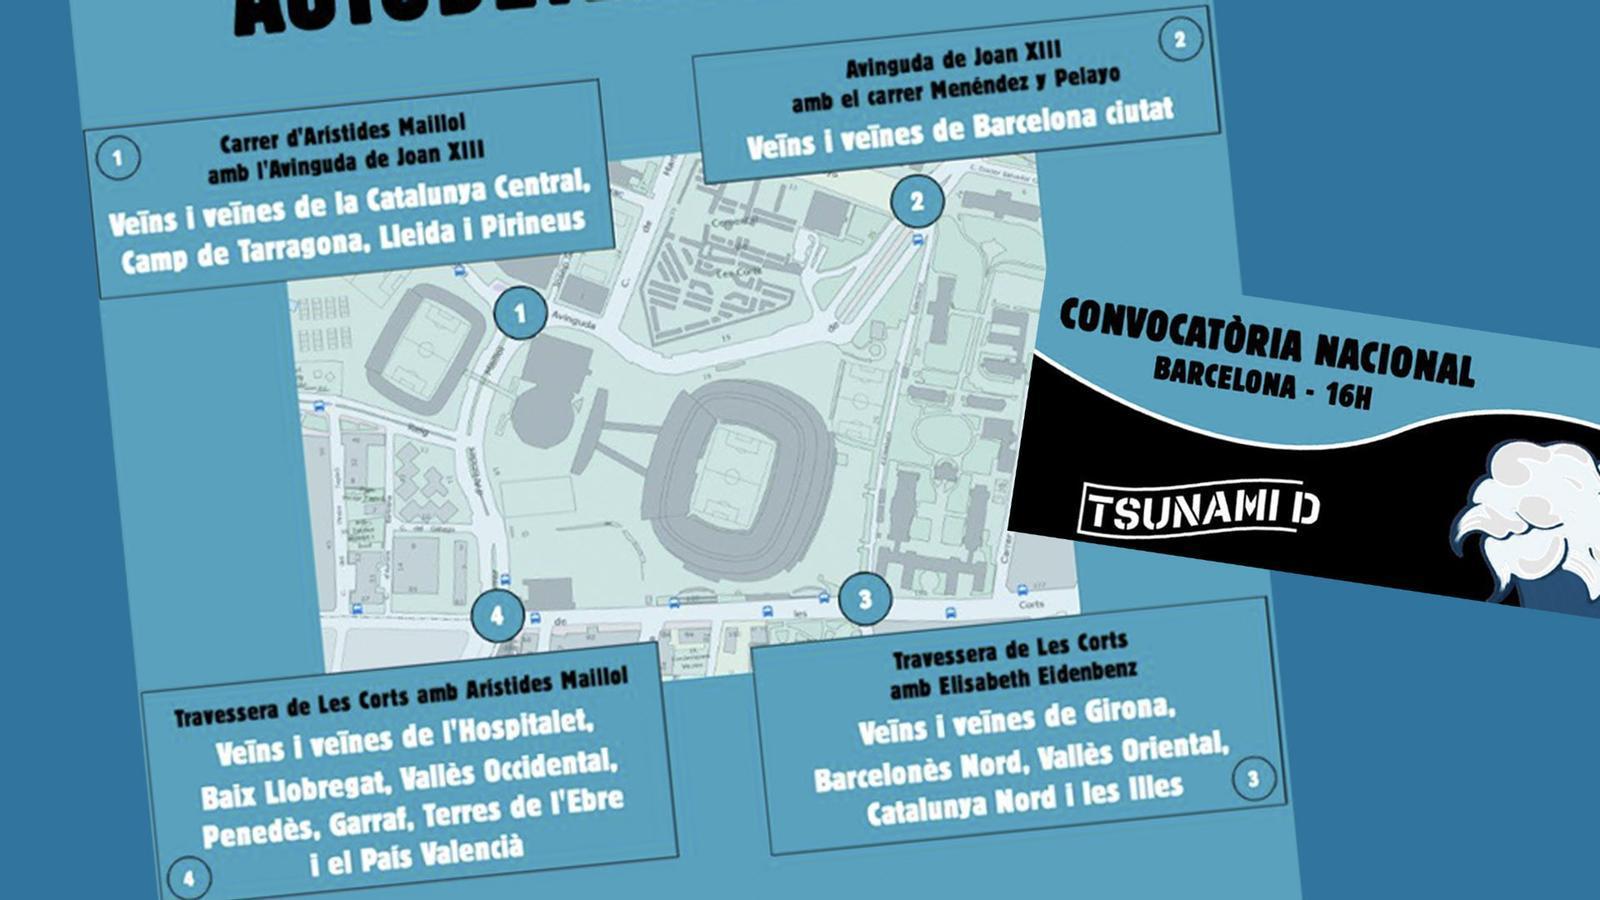 L'anàlisi d'Antoni Bassas: 'El Tsunami i els perills d'impedir el Barça-Madrid'